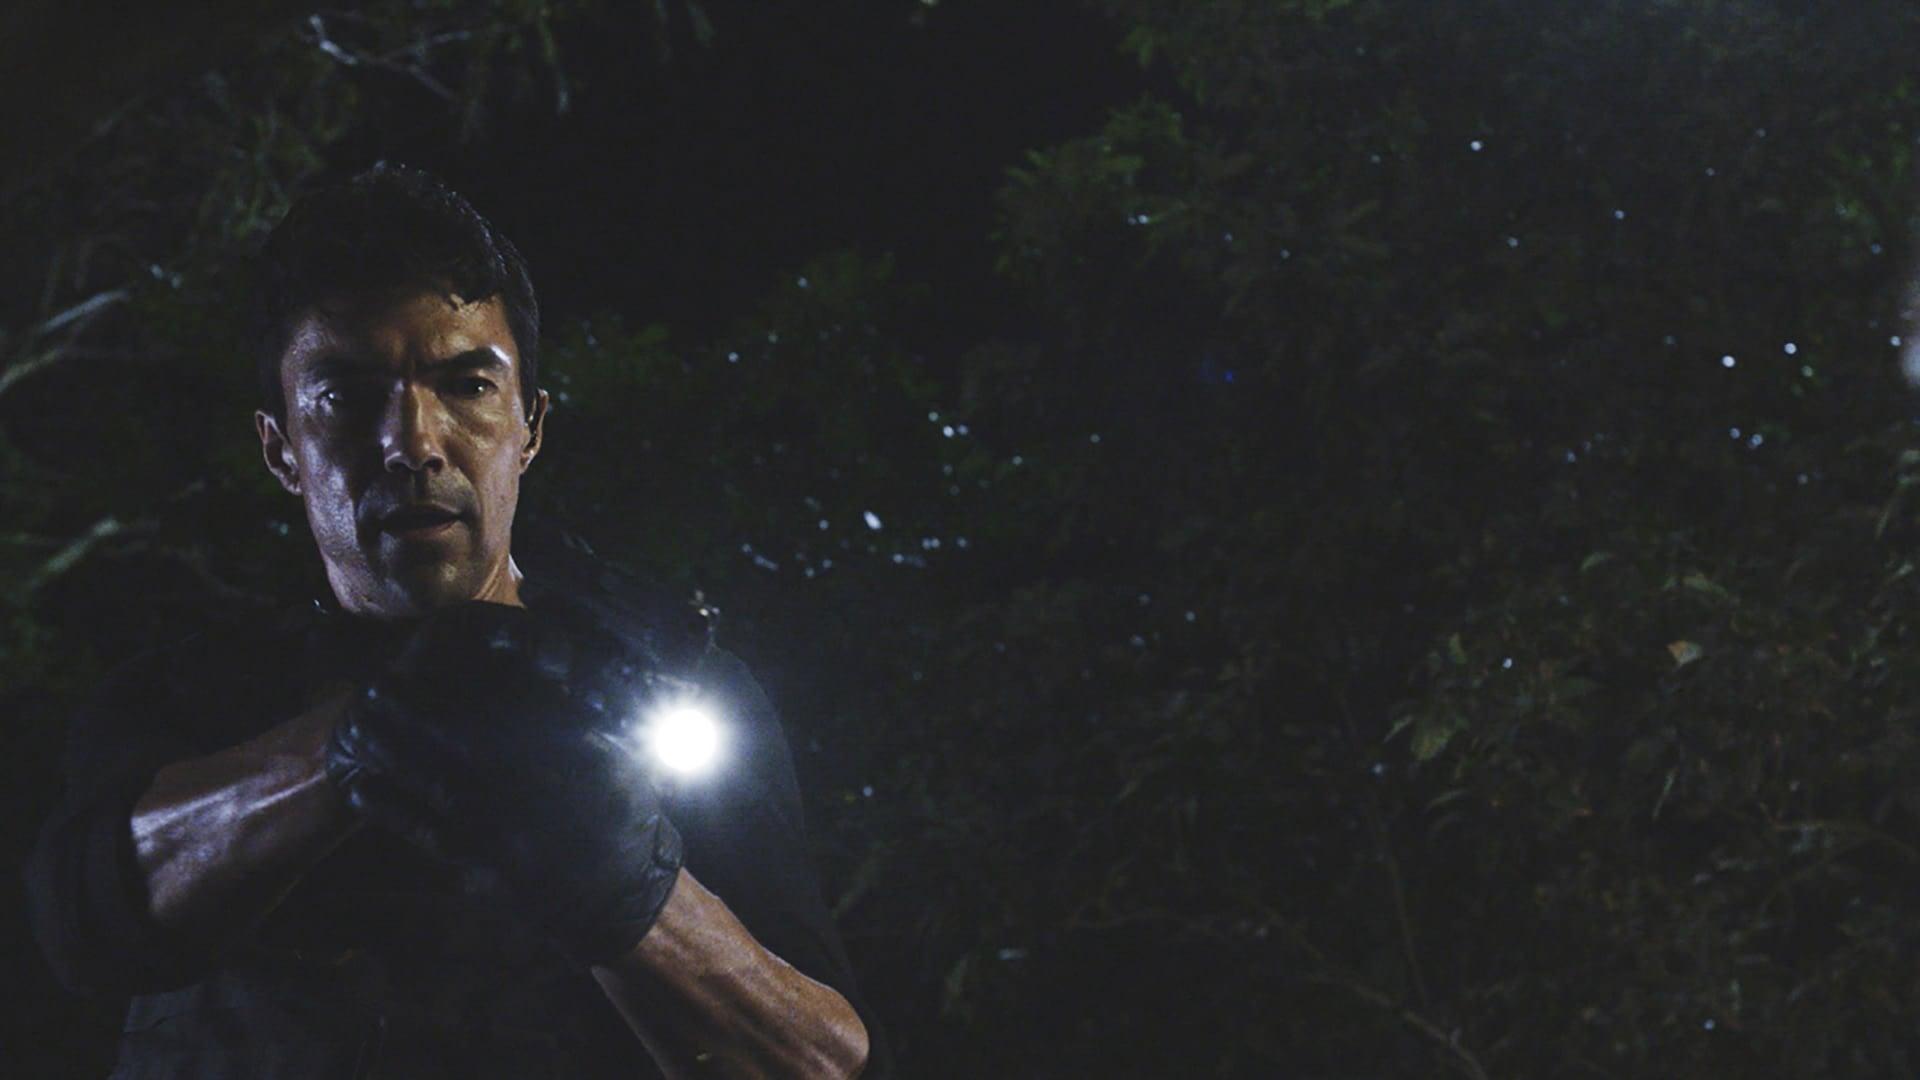 Hawaii Five-0 - Season 10 Episode 18 : Nalowale I Ke 'Ehu O He Kai (Lost in the sea sprays)